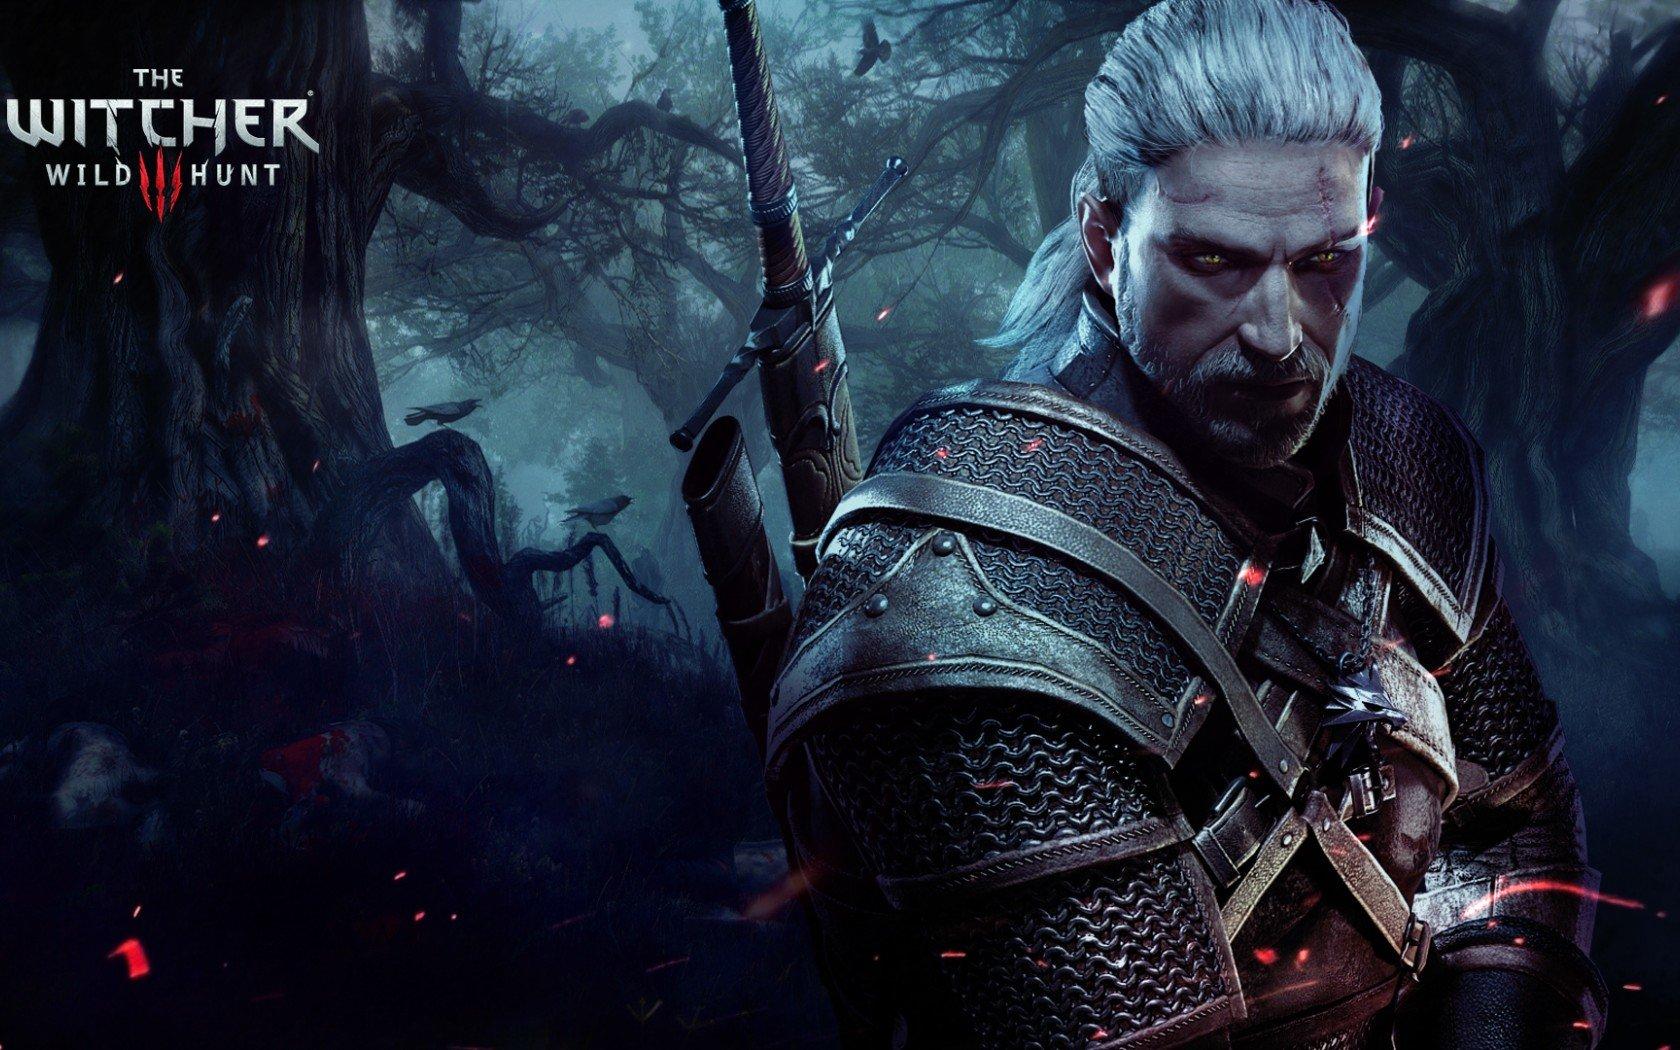 The Witcher 3: Wild Hunt. Все главное за прошедшее время и предстоящий показ.    После церемонии награждение TGA и п .... - Изображение 1